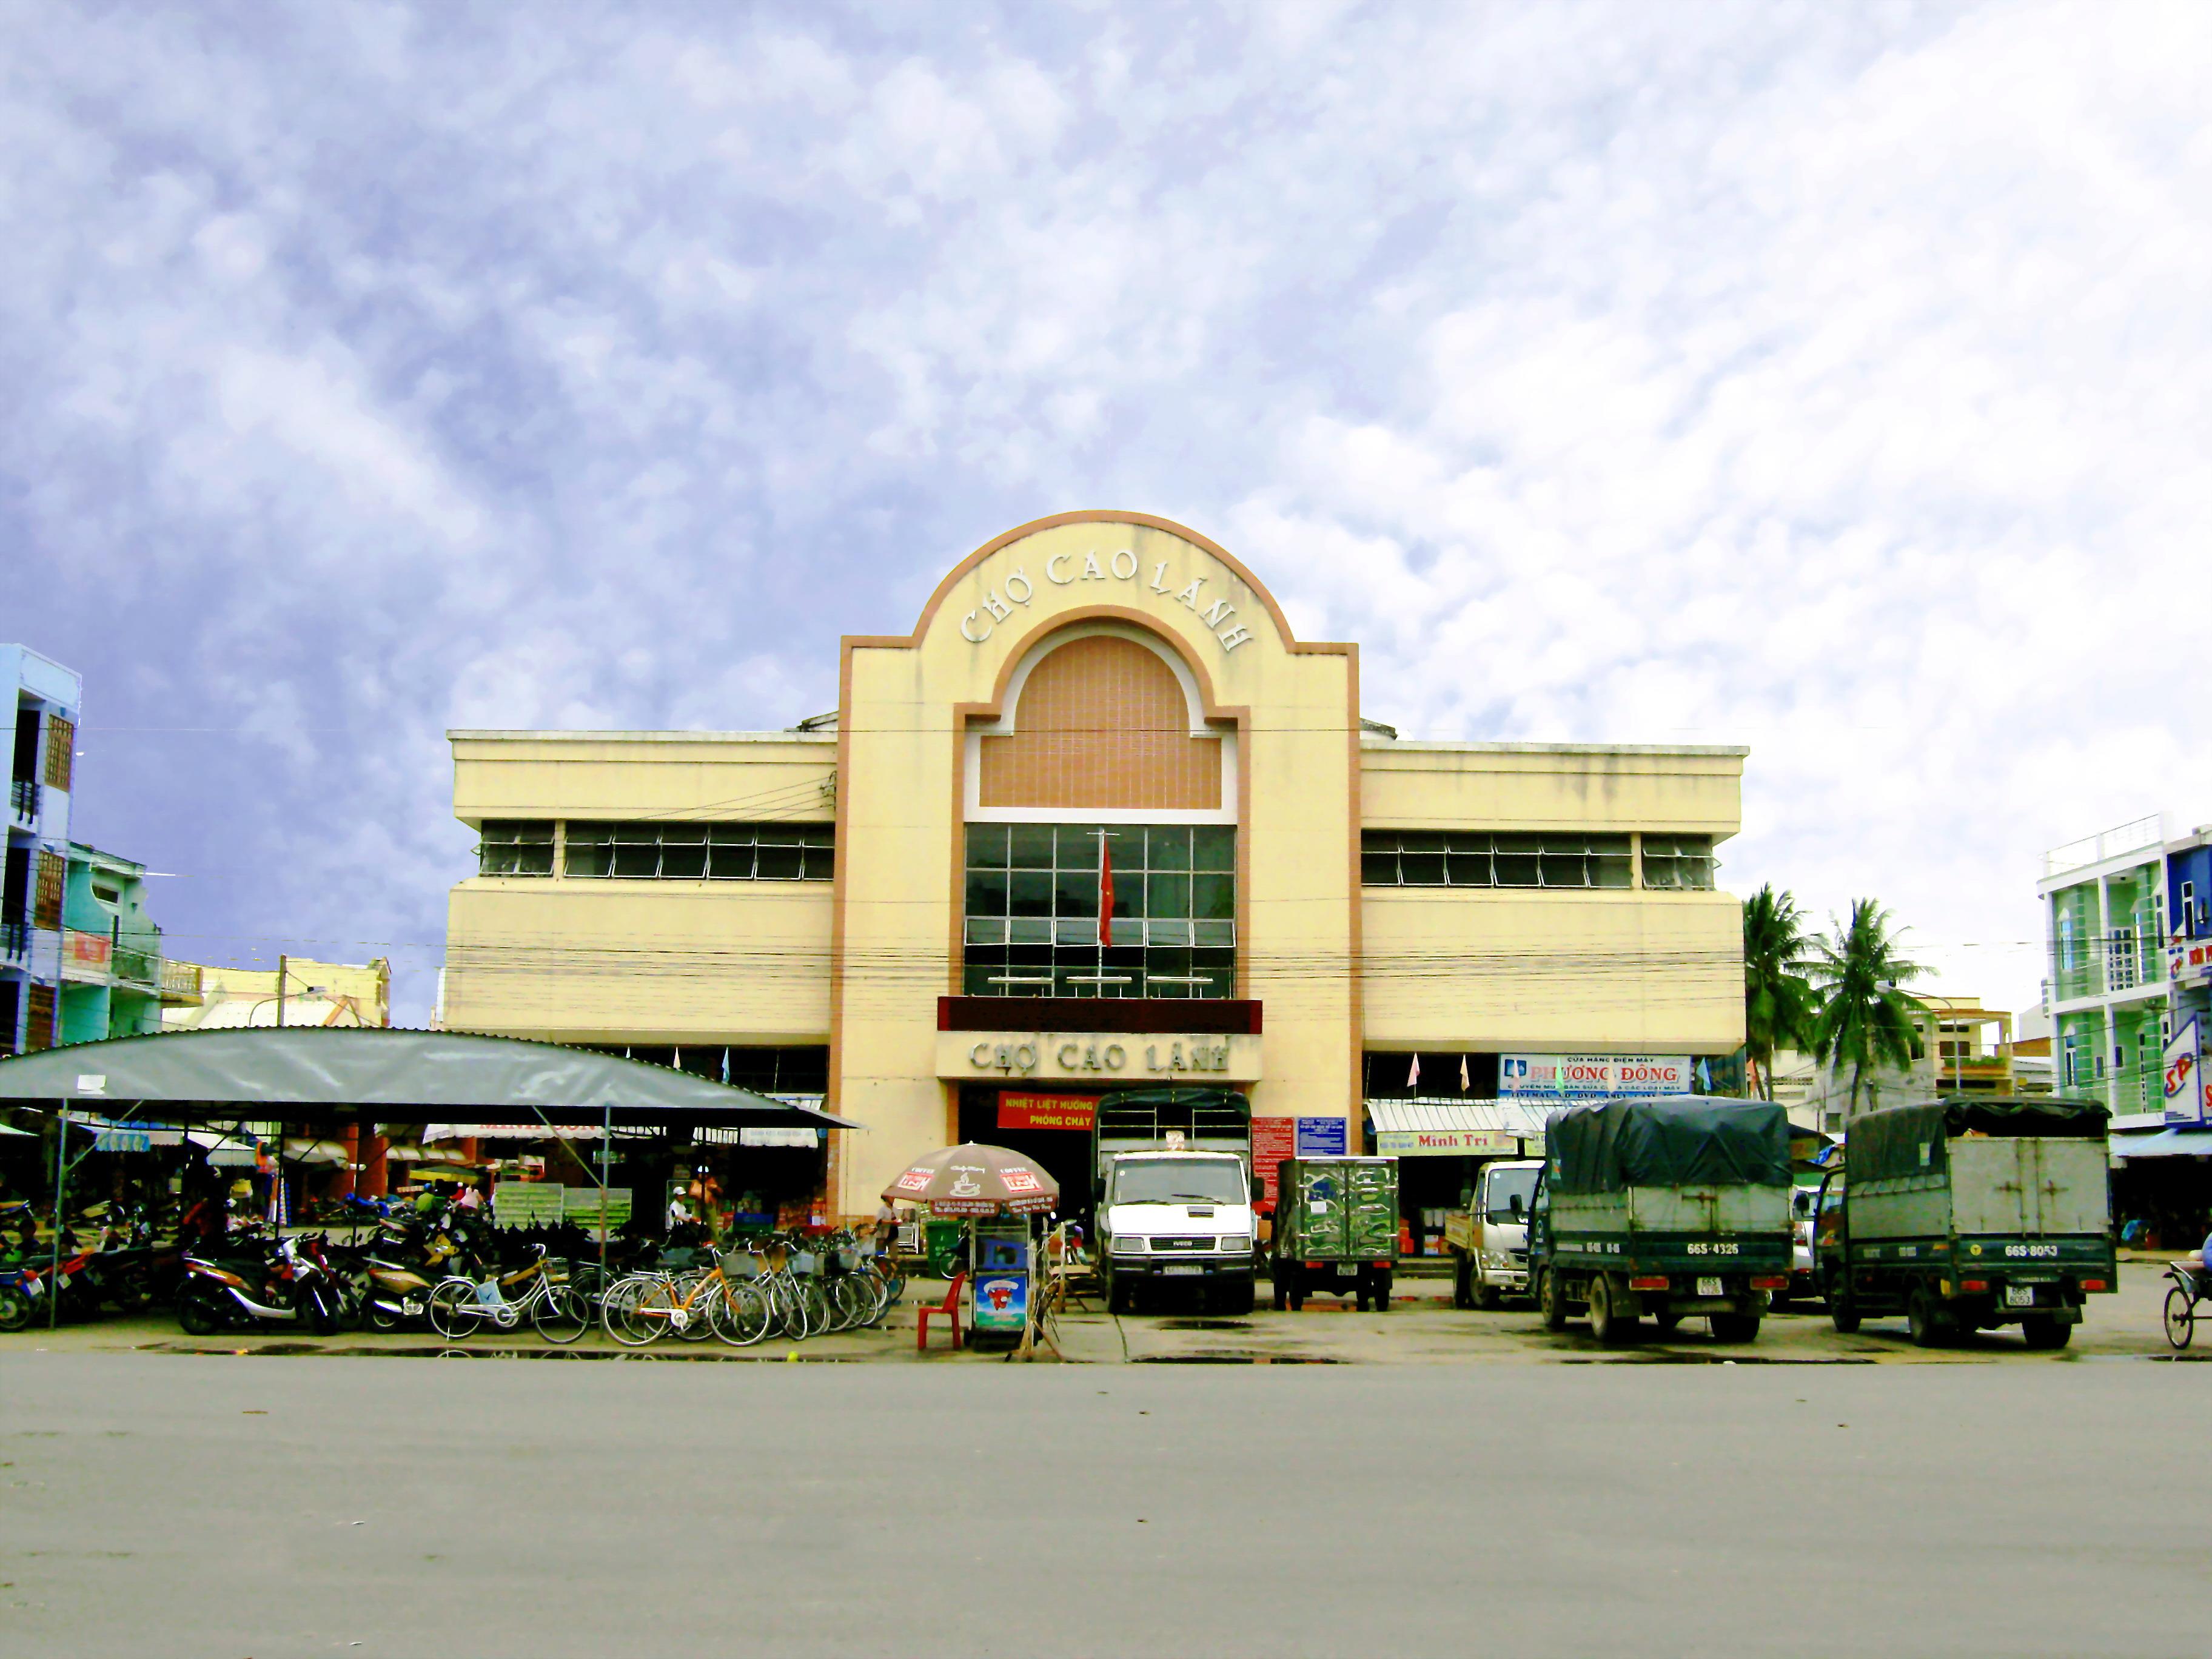 Địa chỉ: Tổ 13, ấp Hòa Lợi, Xã Hòa An, Thành phố Cao Lãnh, Tỉnh Đồng Tháp.